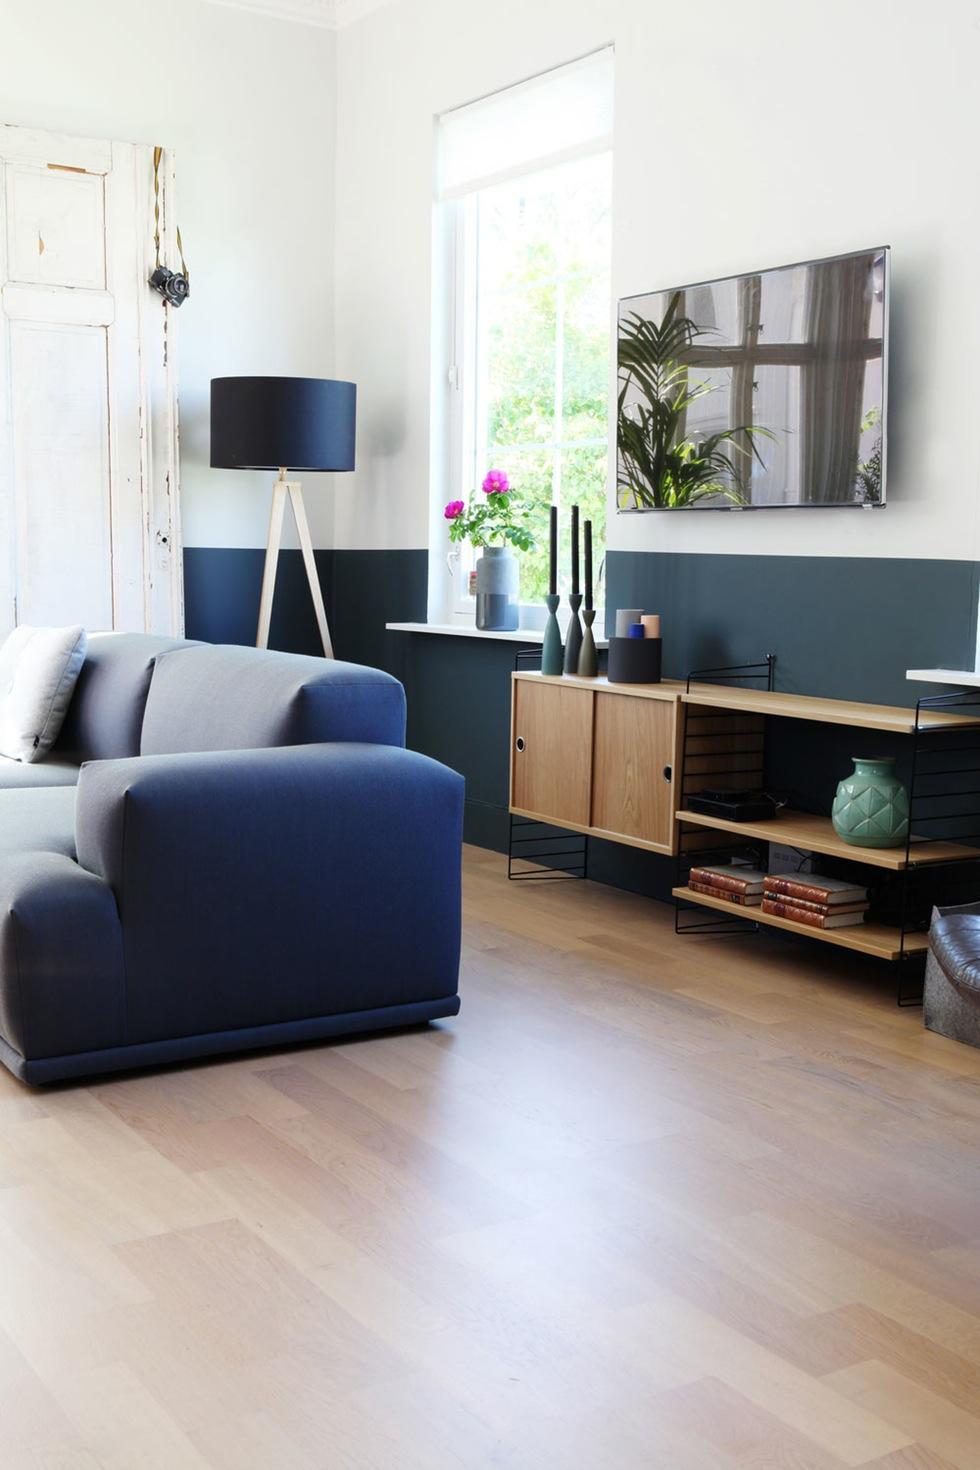 Bleu indigo en décoration d'intérieur || L'intérieur de Martin et Martin Velger ur